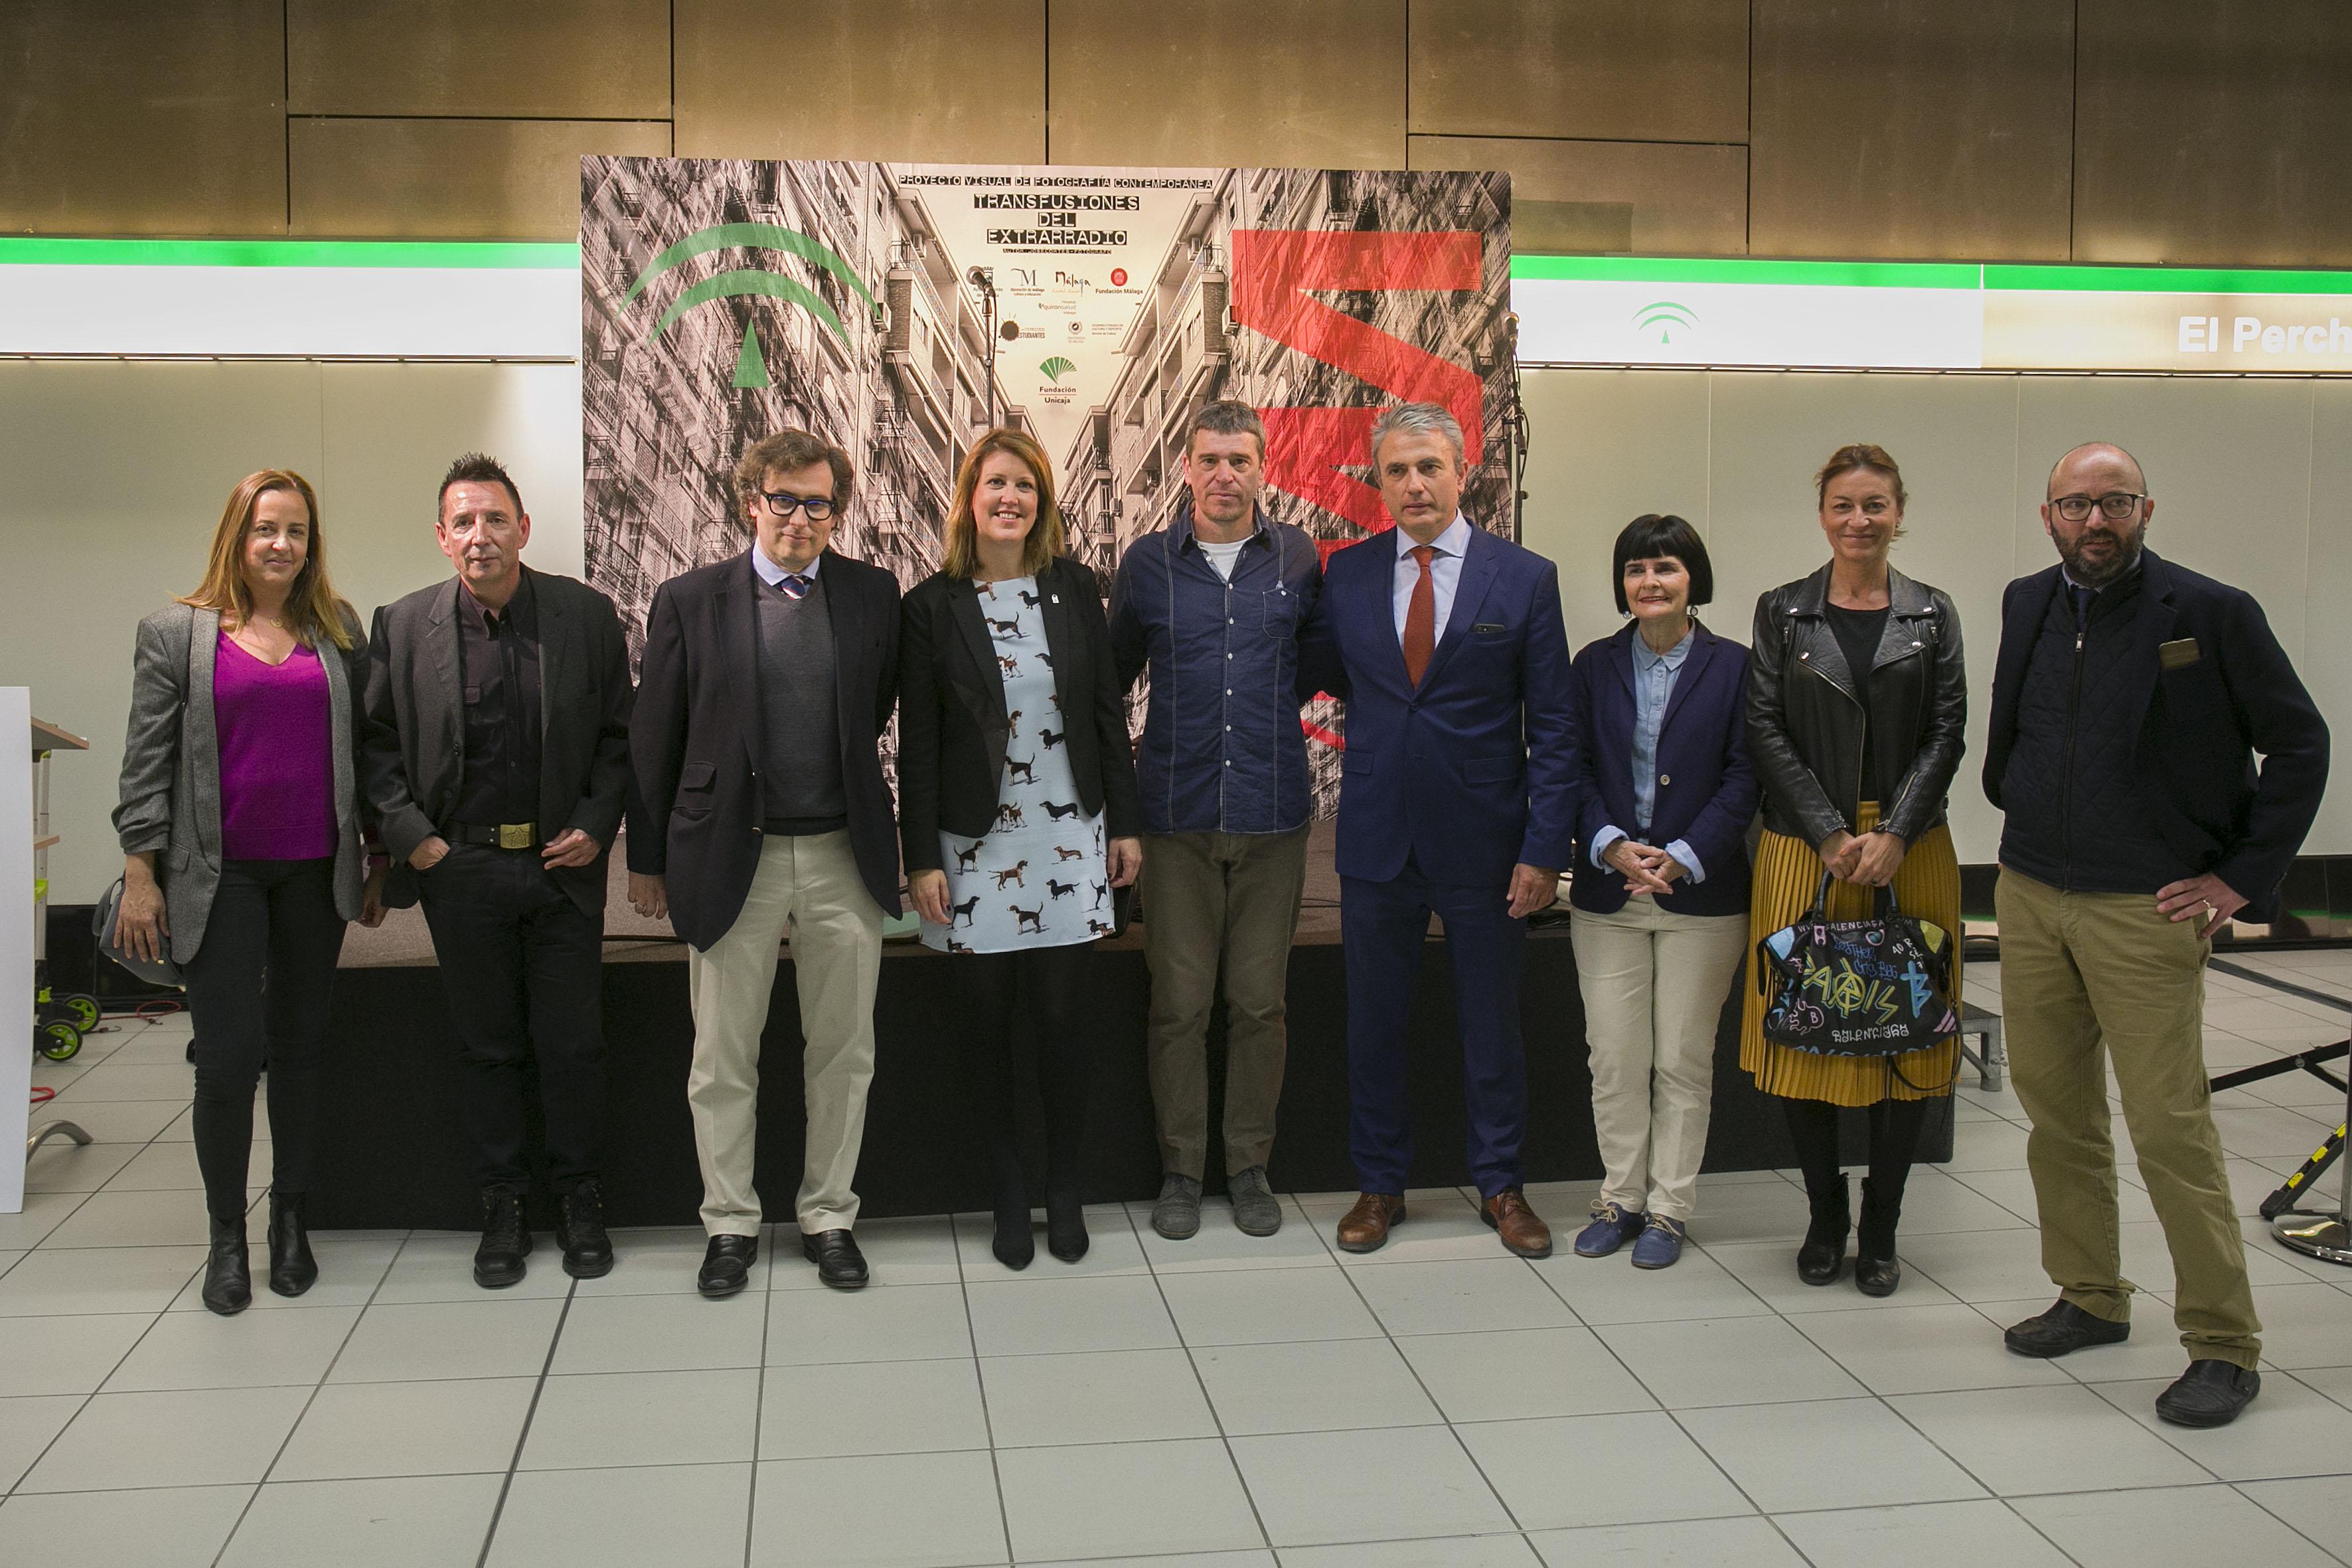 La delegada territorial, Carmen Casero, Julio Caballero, director de AOPJA y Fernando Lozano director de Metro de Málaga han asistido hoy junto a los artistas José Cortés y Javier Ojeda a la inauguración de la Exposición.